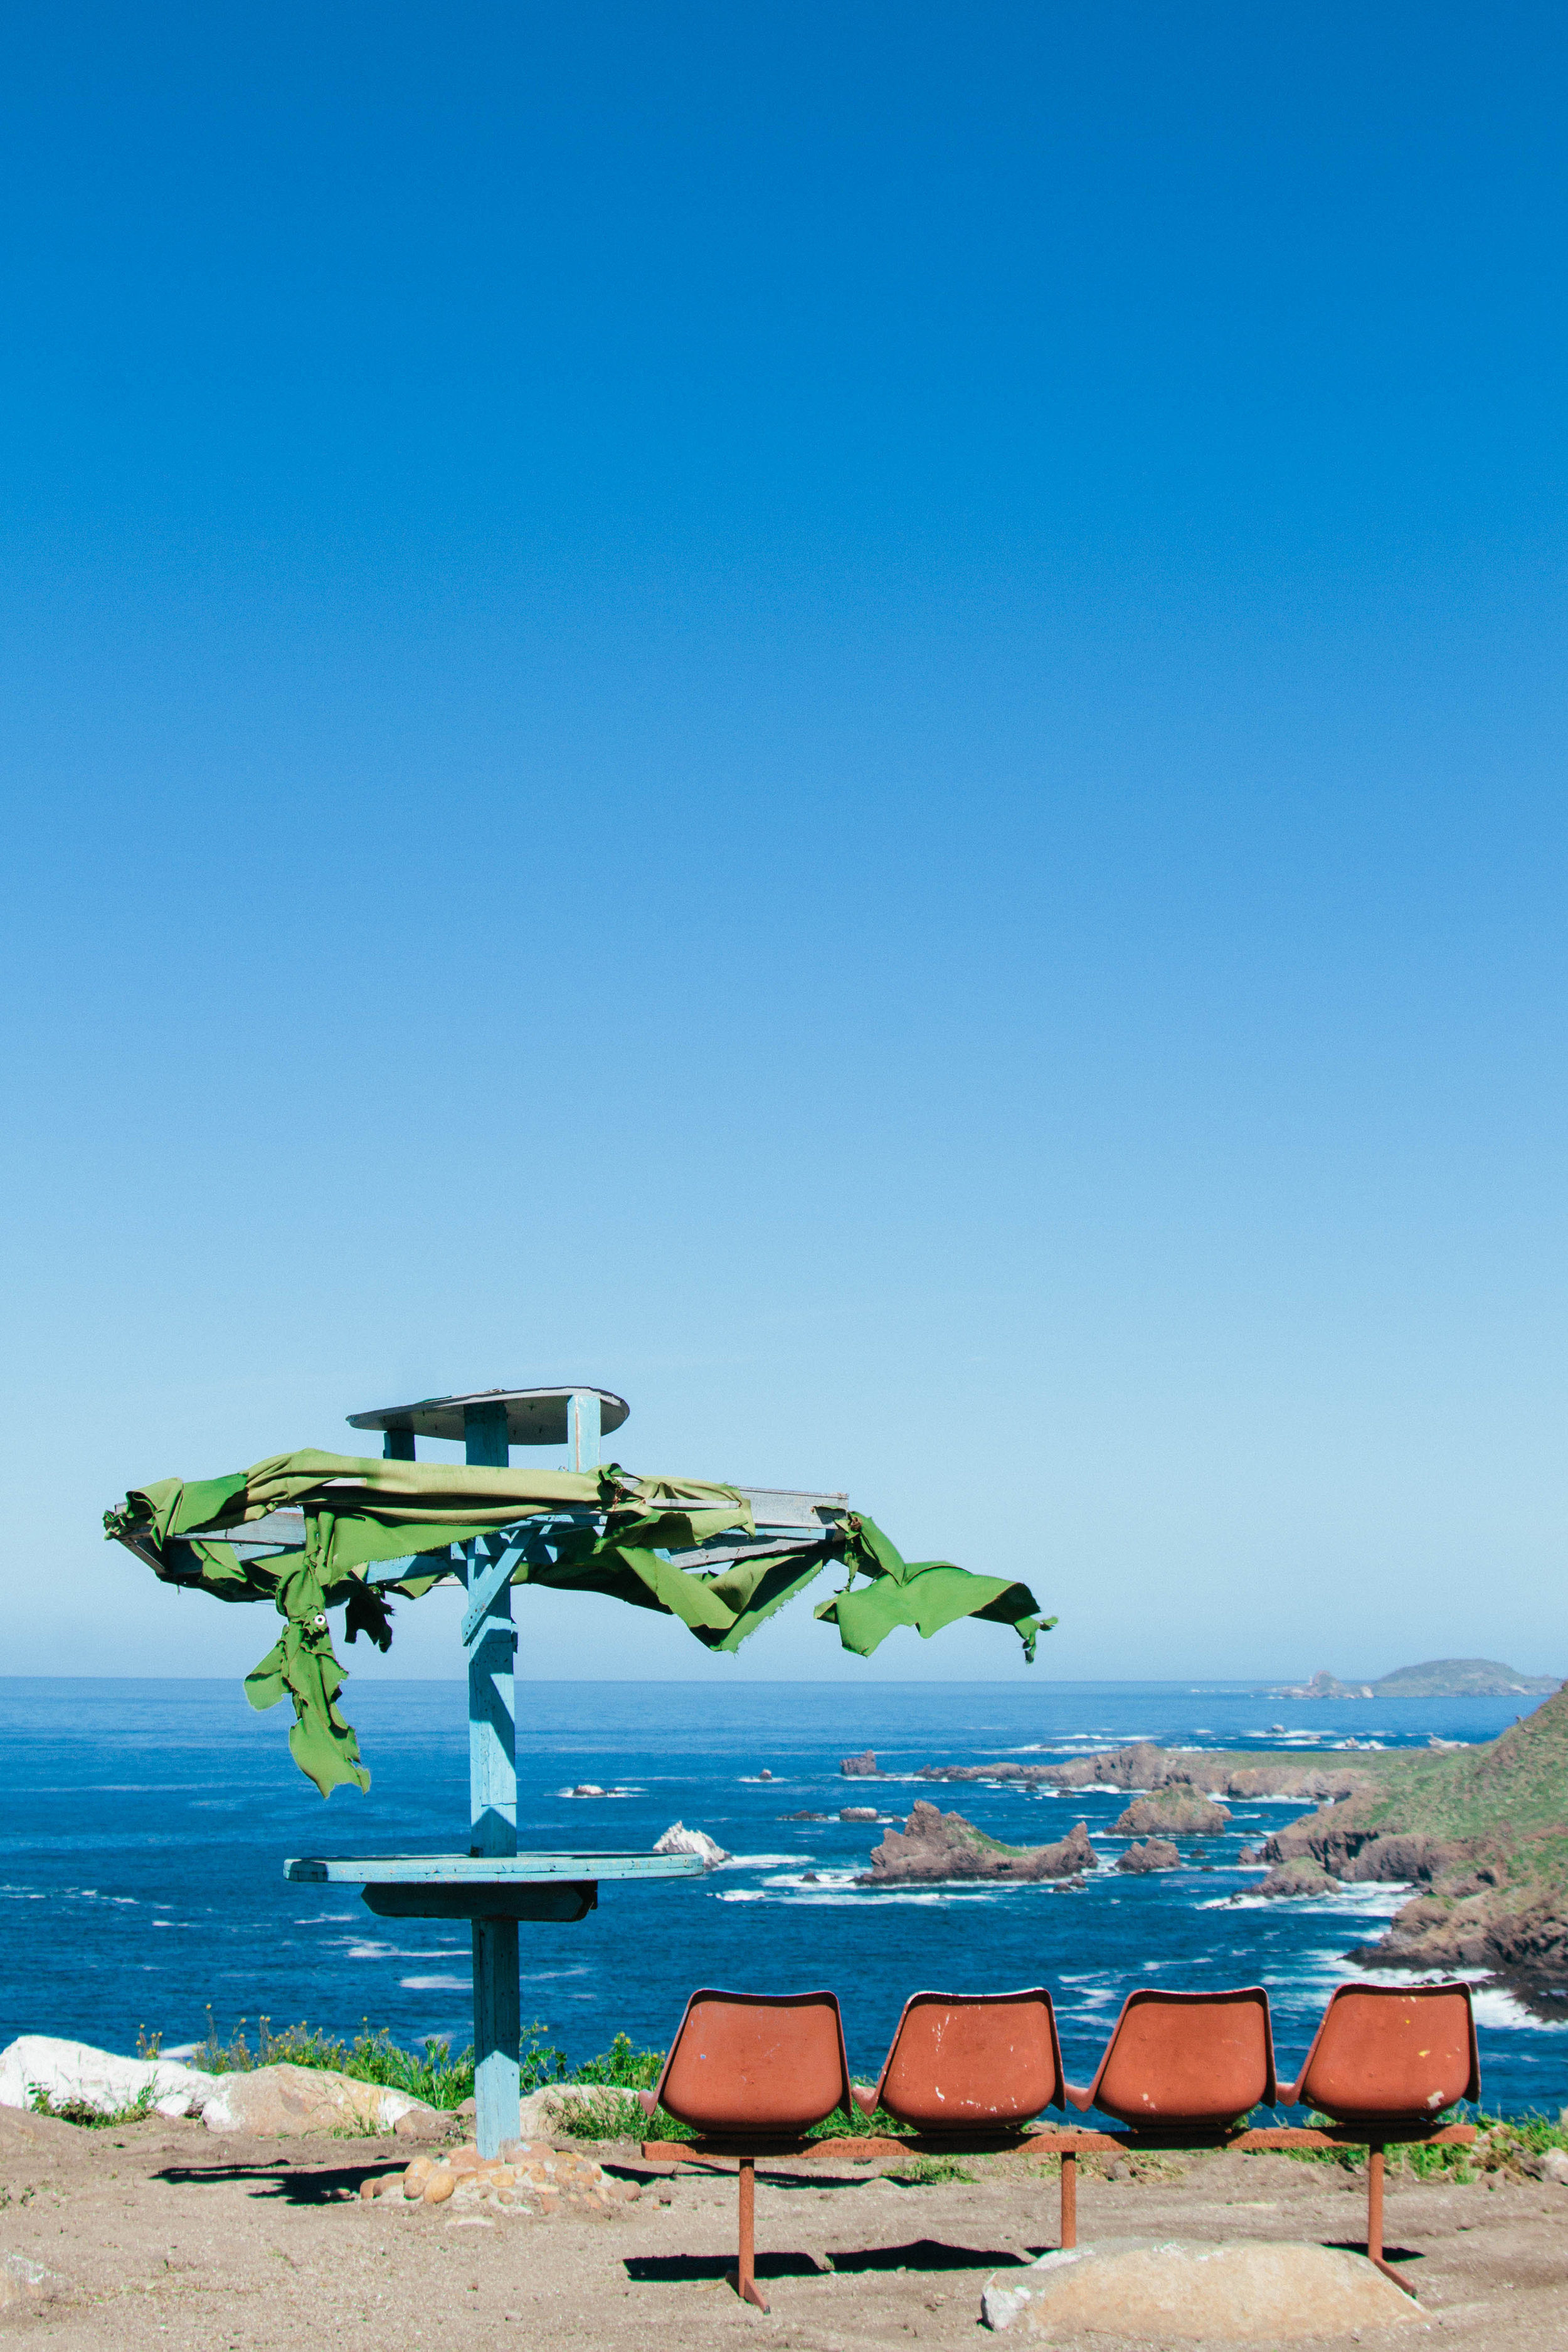 3-22-2019 Baja Seats over looking coast-5.jpg